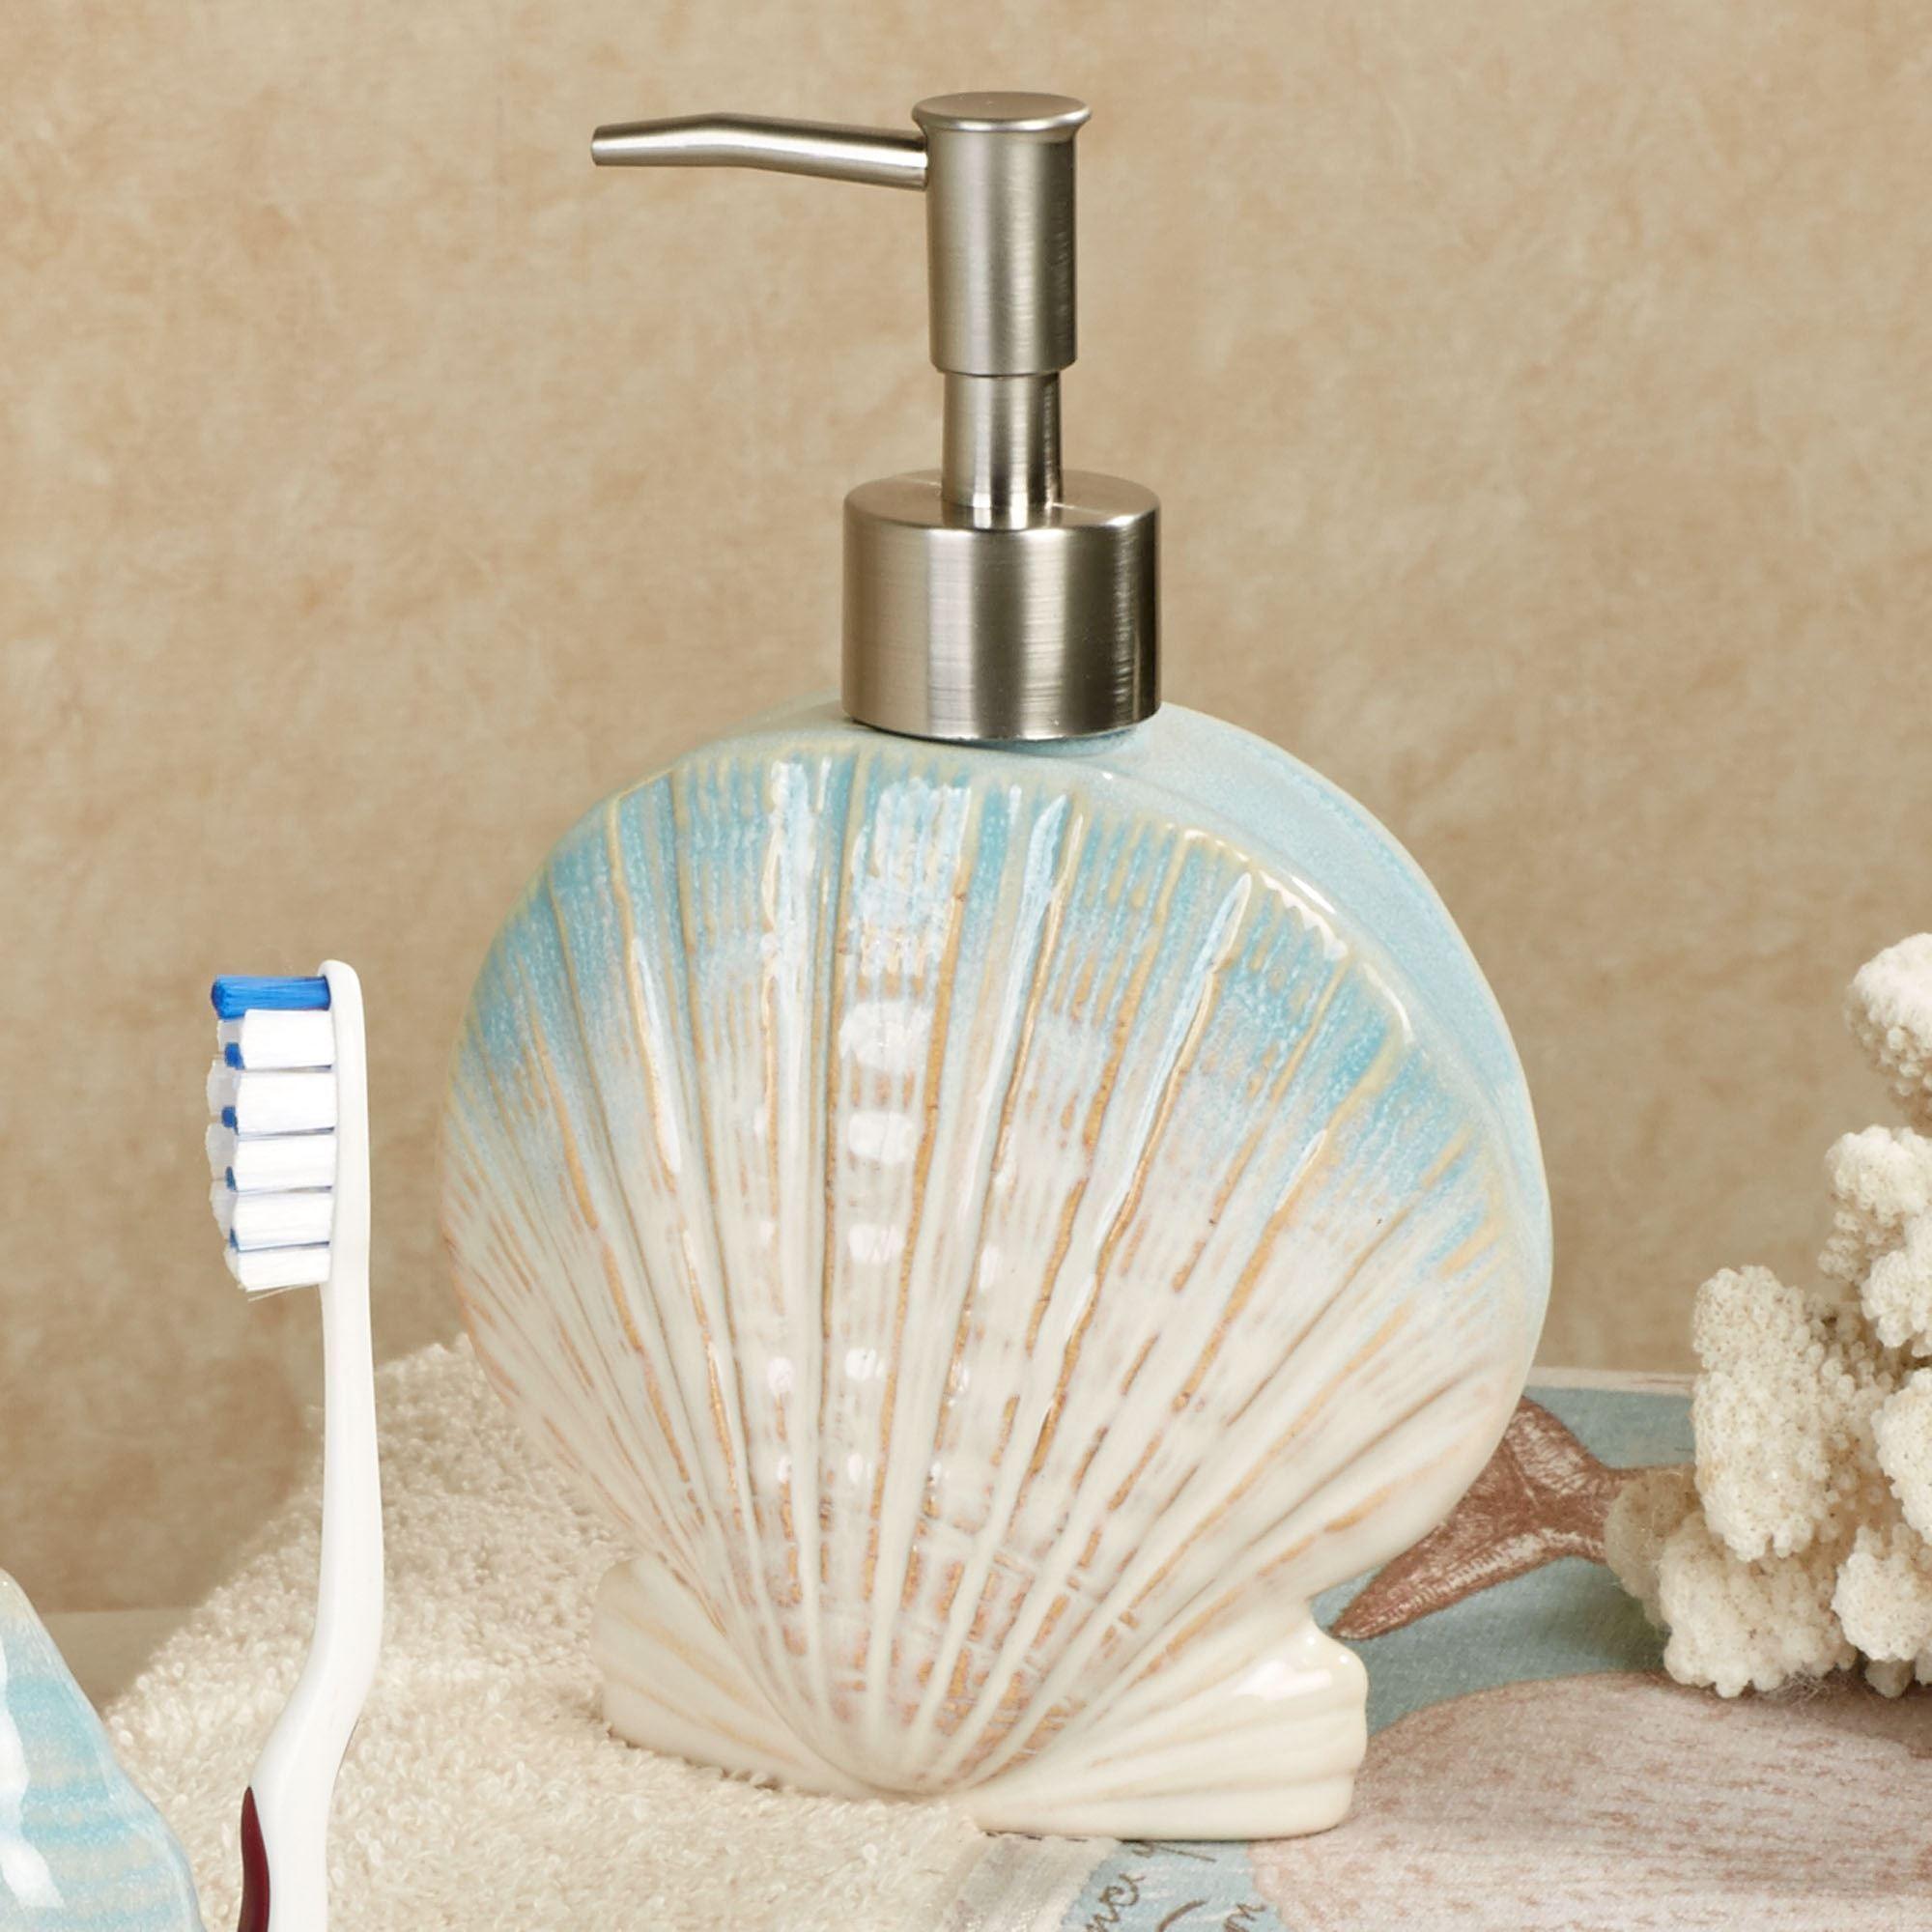 Coastal moonlight bath accessories - Bathroom soap and lotion dispenser set ...